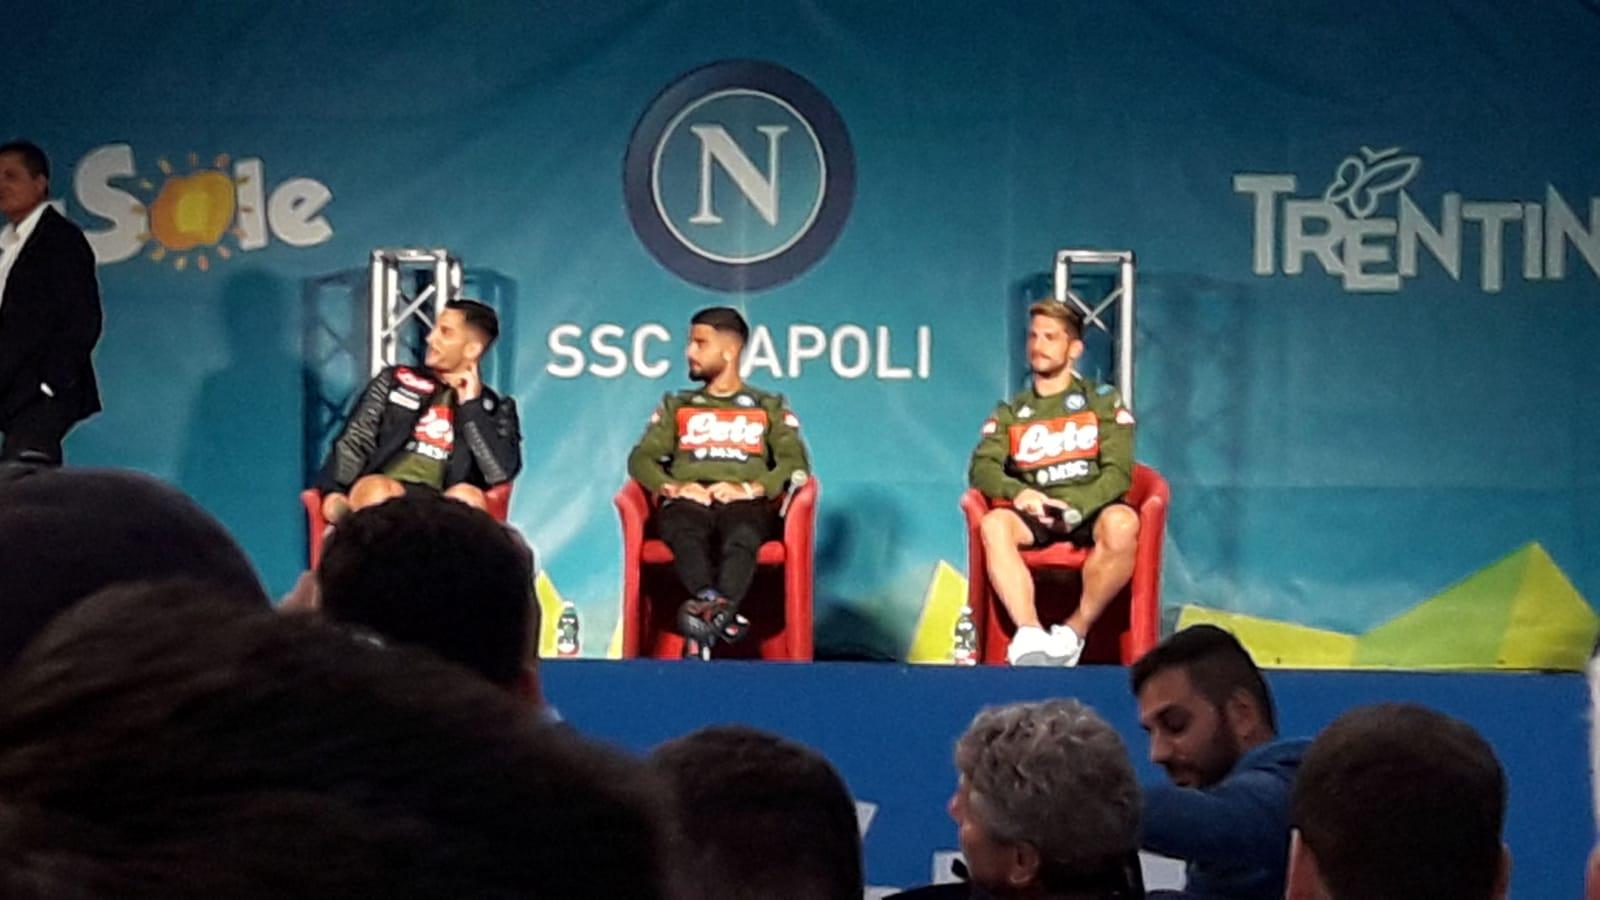 """Manōlas: """"Voglio rifare col Napoli il gol al Barcellona"""". Ancelotti a Insigne: """"Perché ti trovi meglio in Nazionale col modulo?"""""""